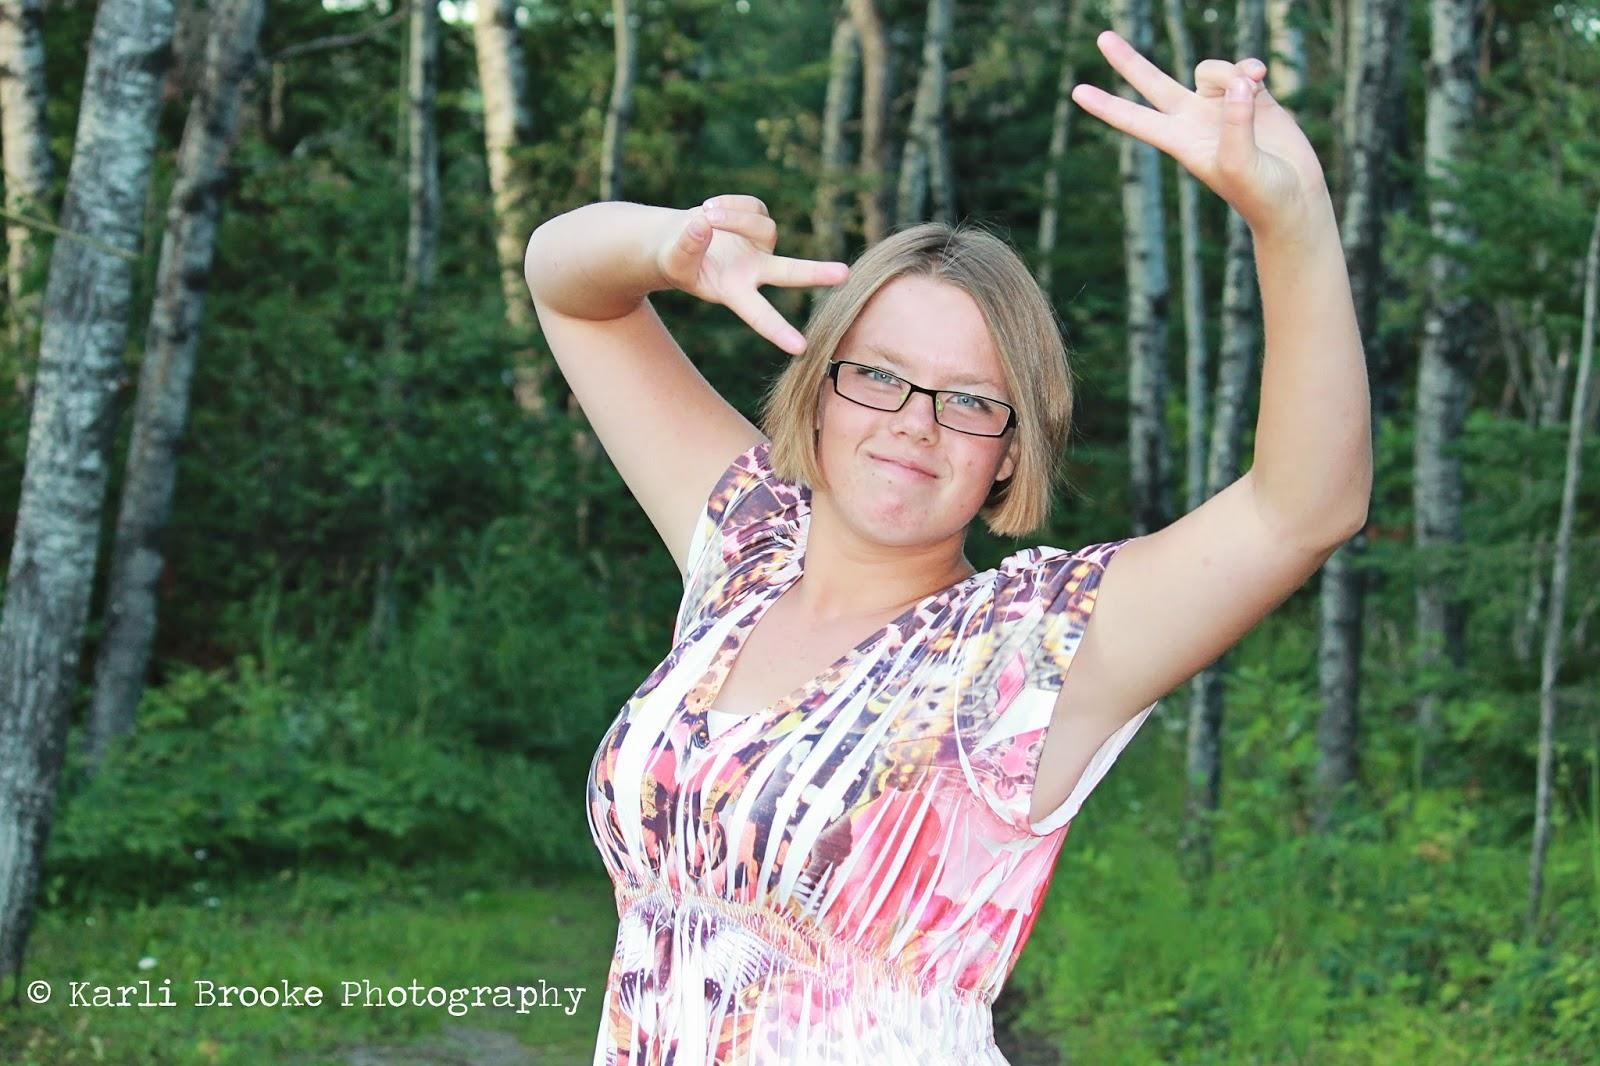 Karli Brookes Nude Photos 9